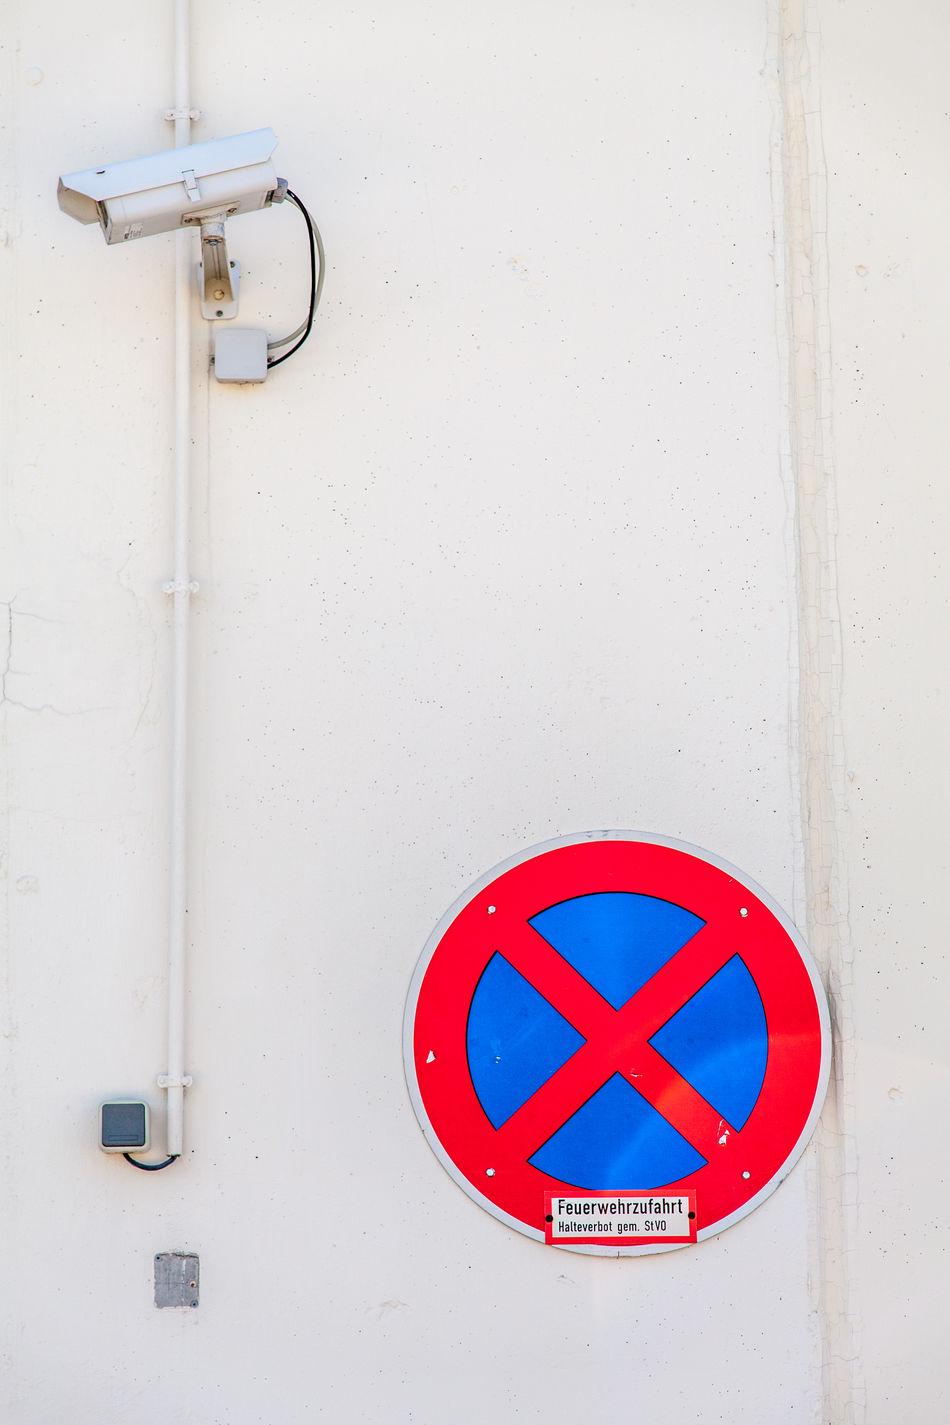 Camera Day Halteverbot Minimalist Architecture No People Outdoors überwachungskamera Halteverbot Verkehrszeichen